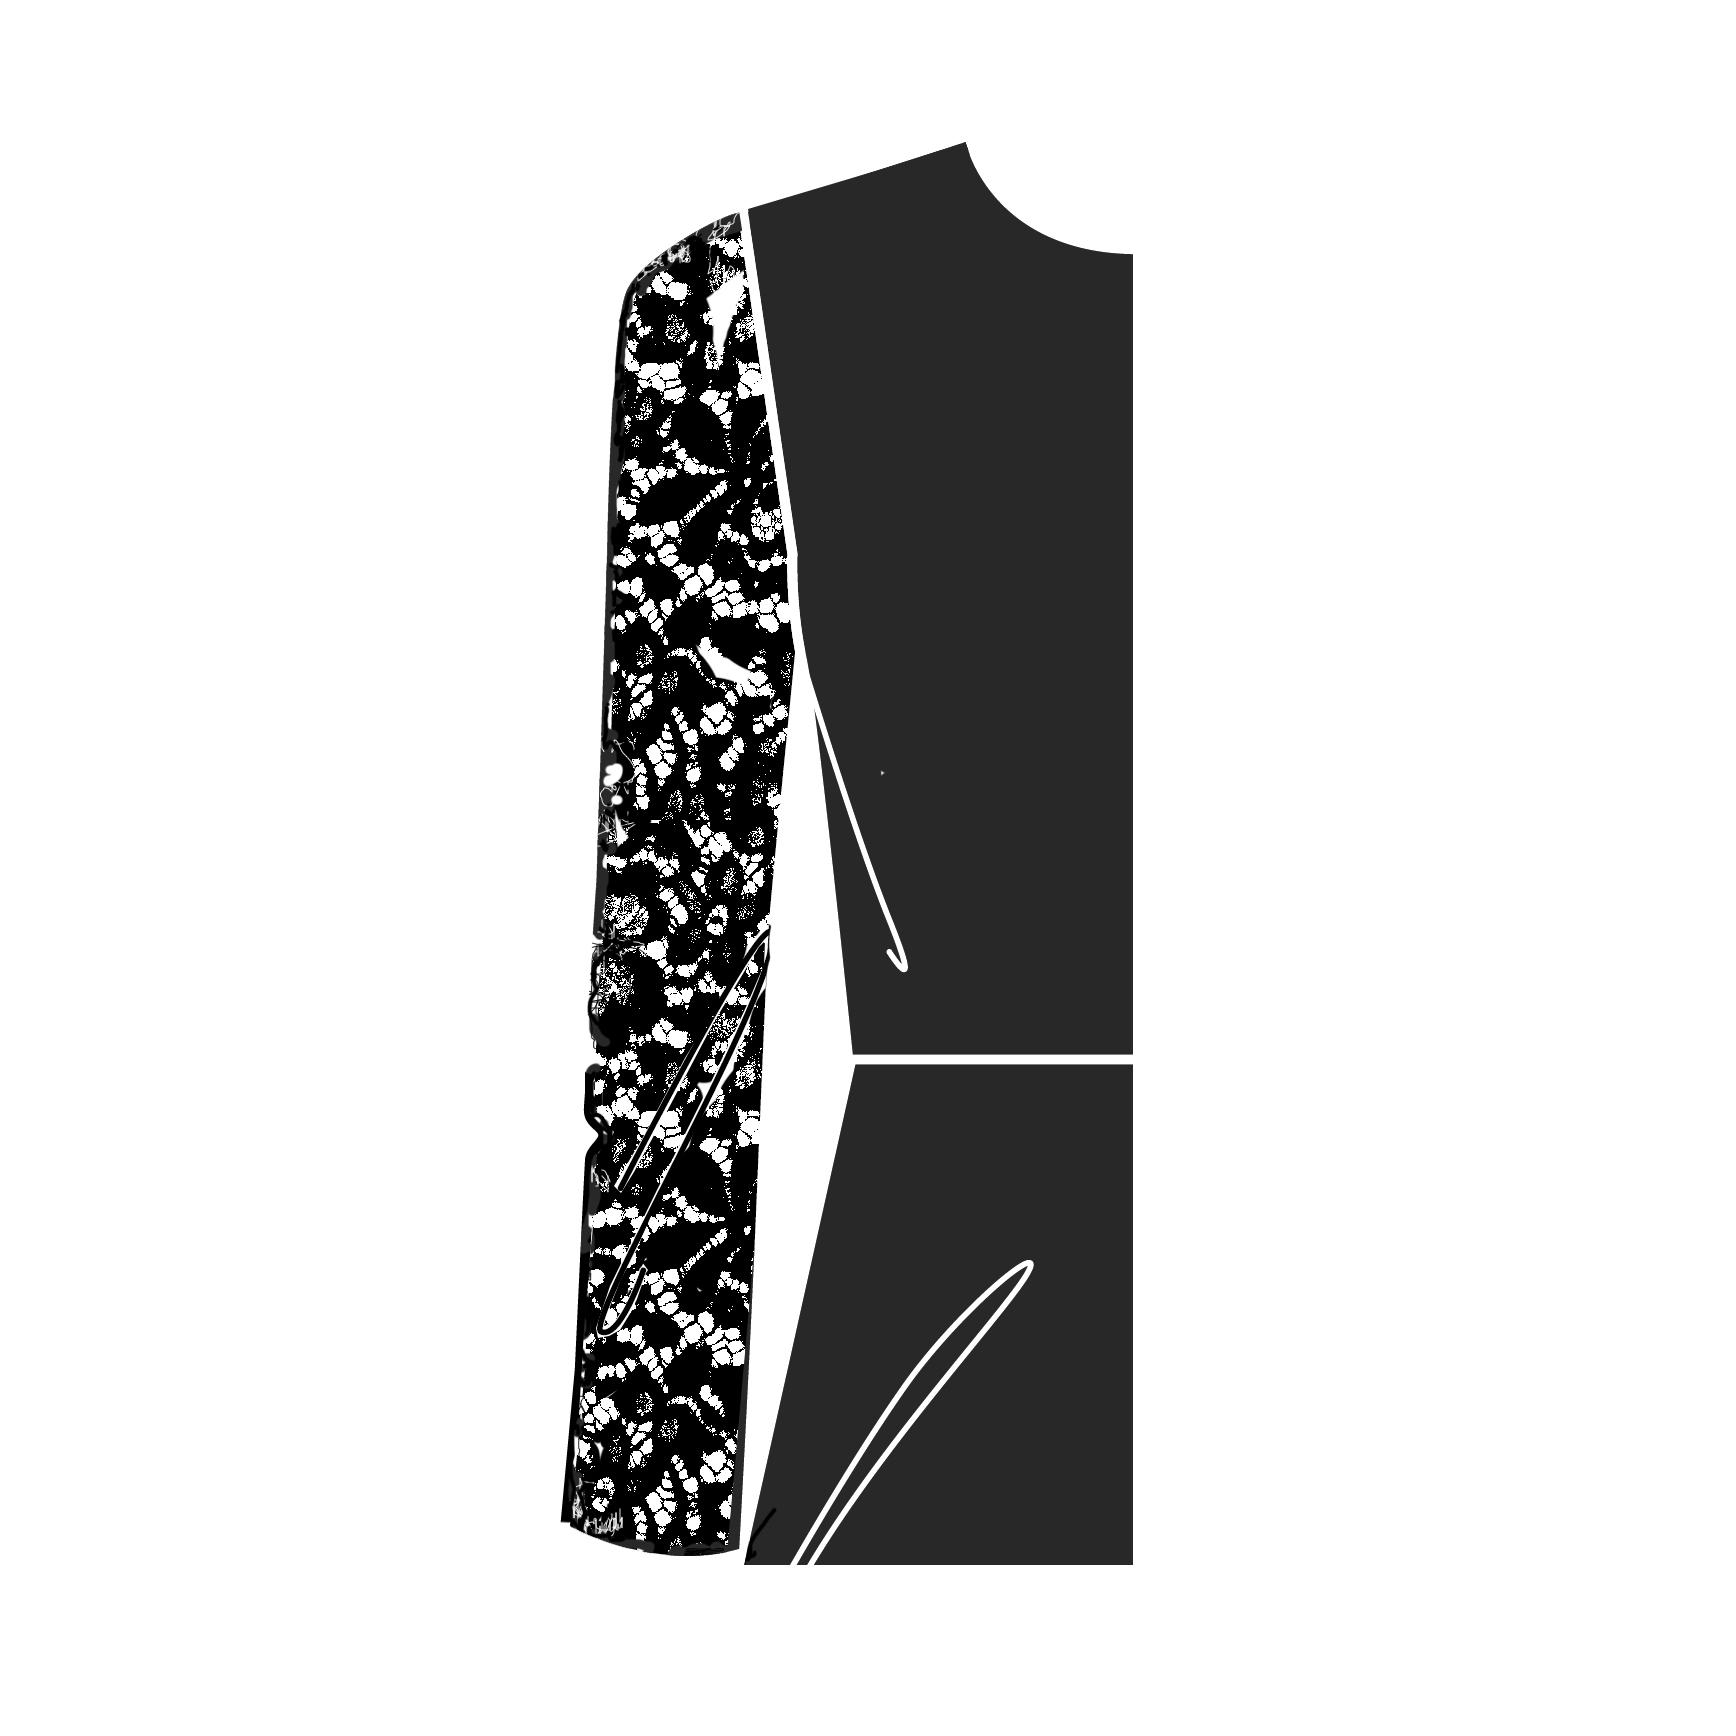 2013/Anneaux avec Crochets courb/és pour tringles 28/mm de diam/ètre Contenu du Packaging Lot de 20/en Laiton de Couleur en Plastique Flair Deco 11052801